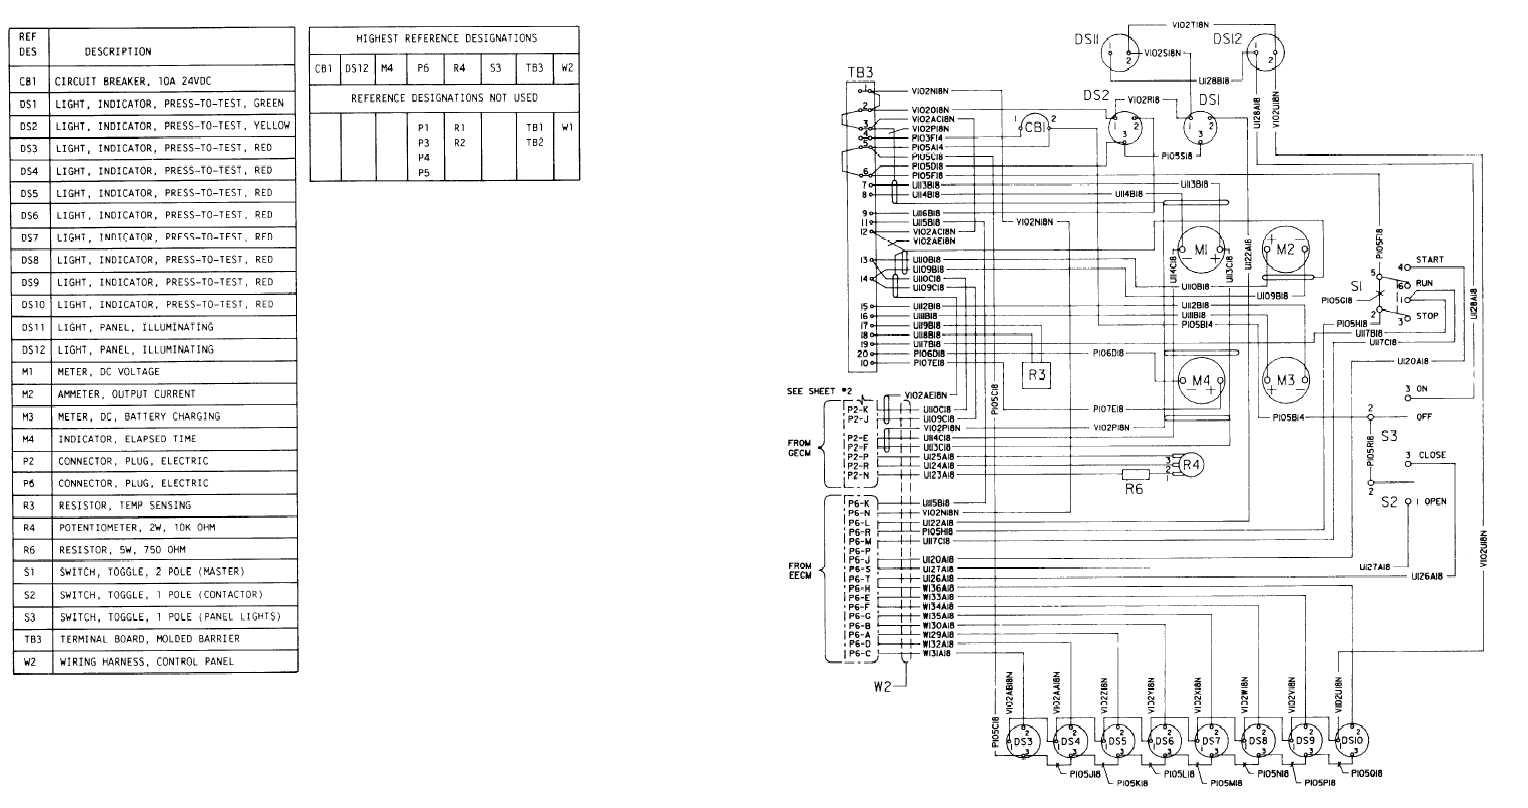 3 phase 120 208 panel wiring diagram